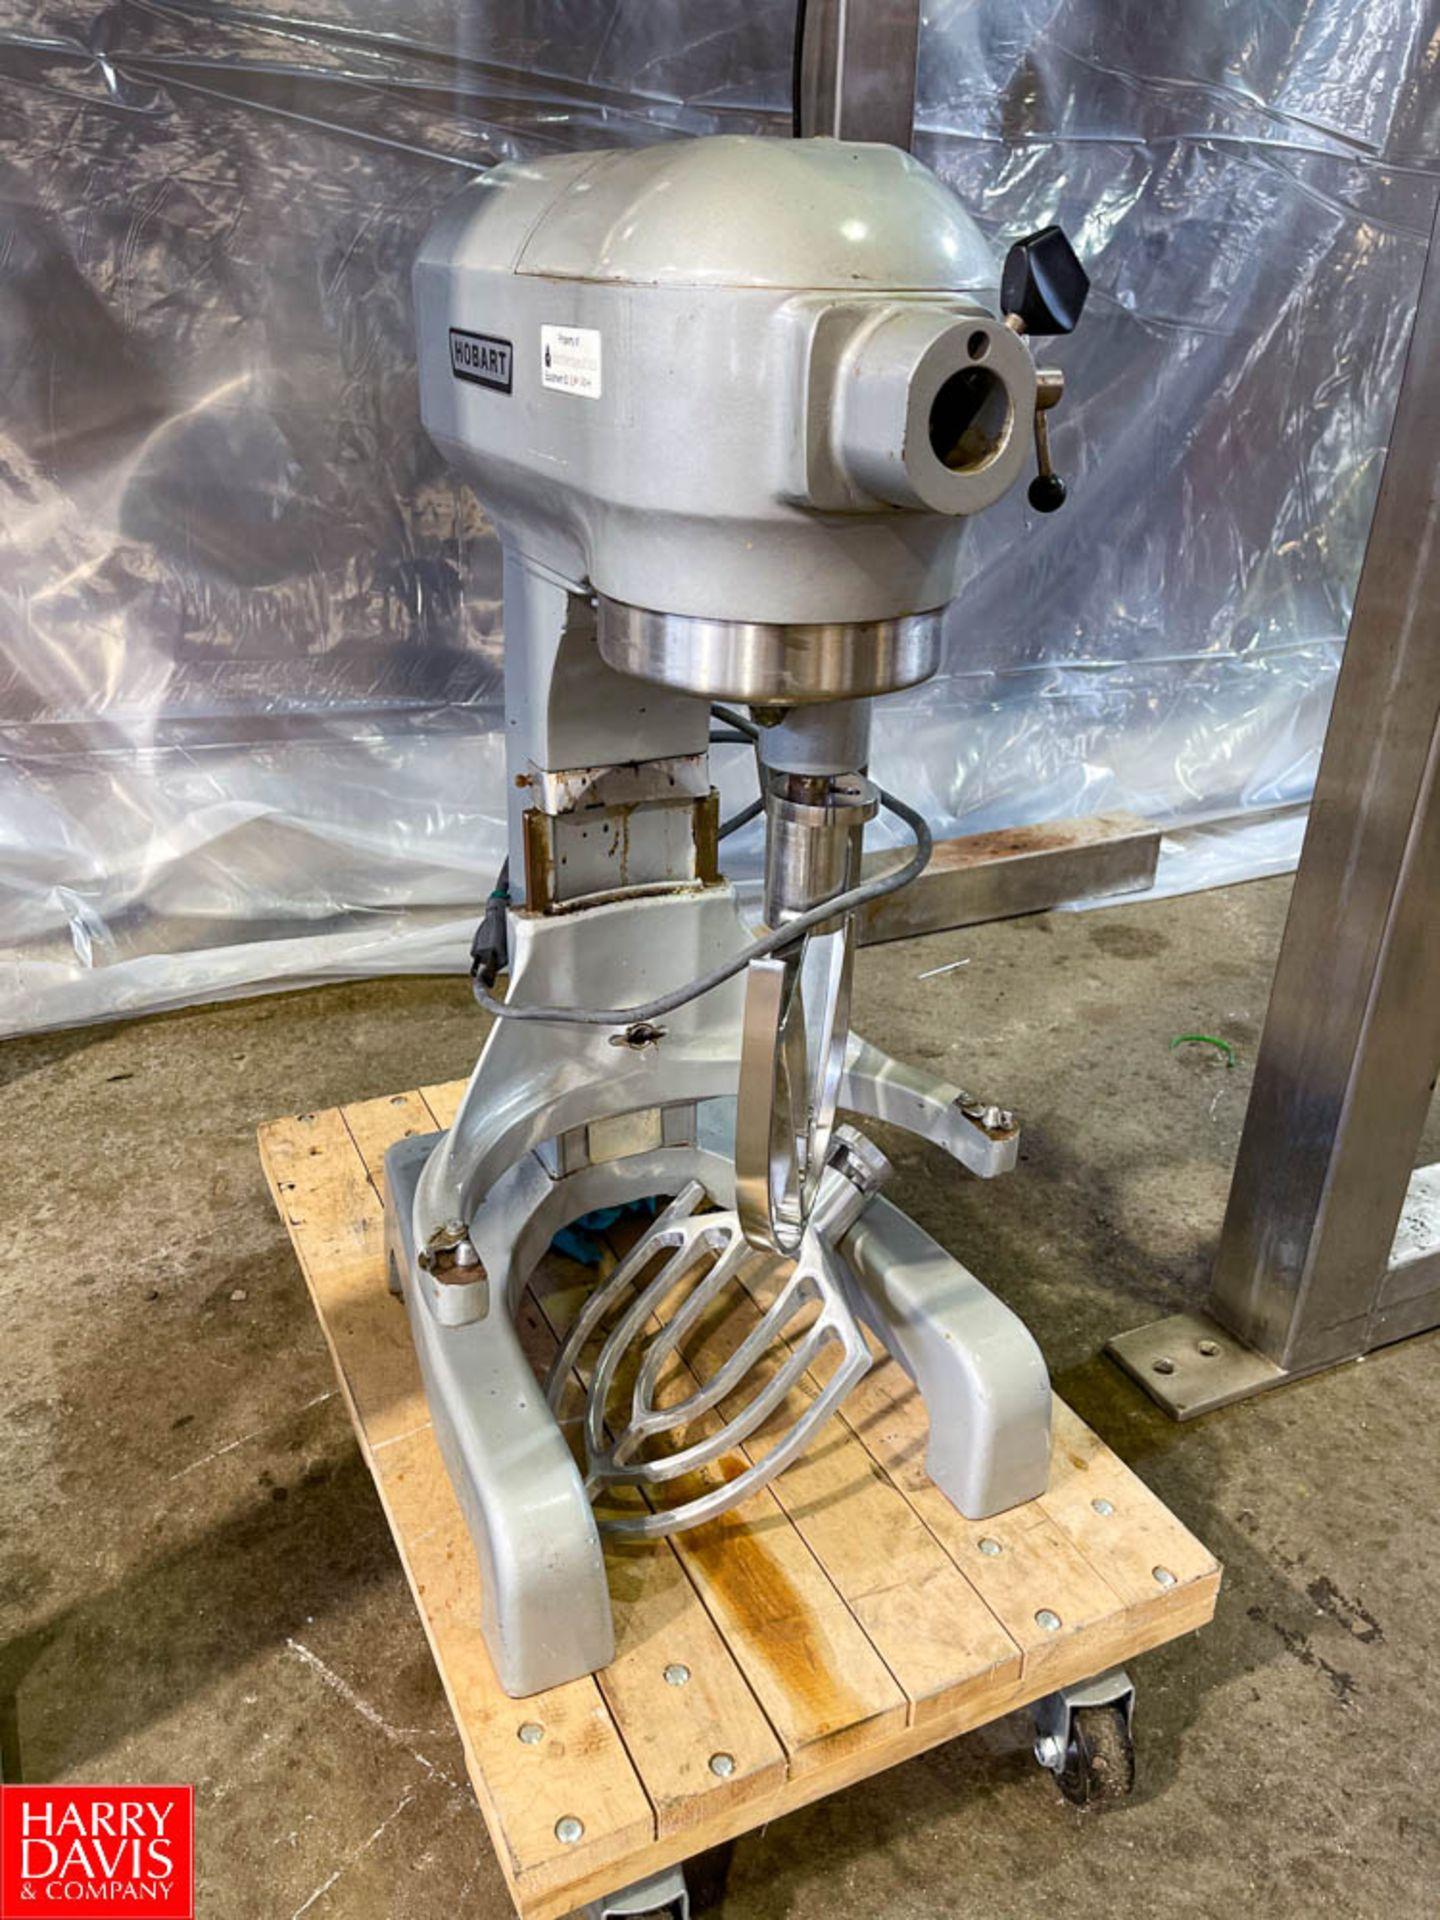 Hobart Mixer Model A-200 - Image 2 of 3